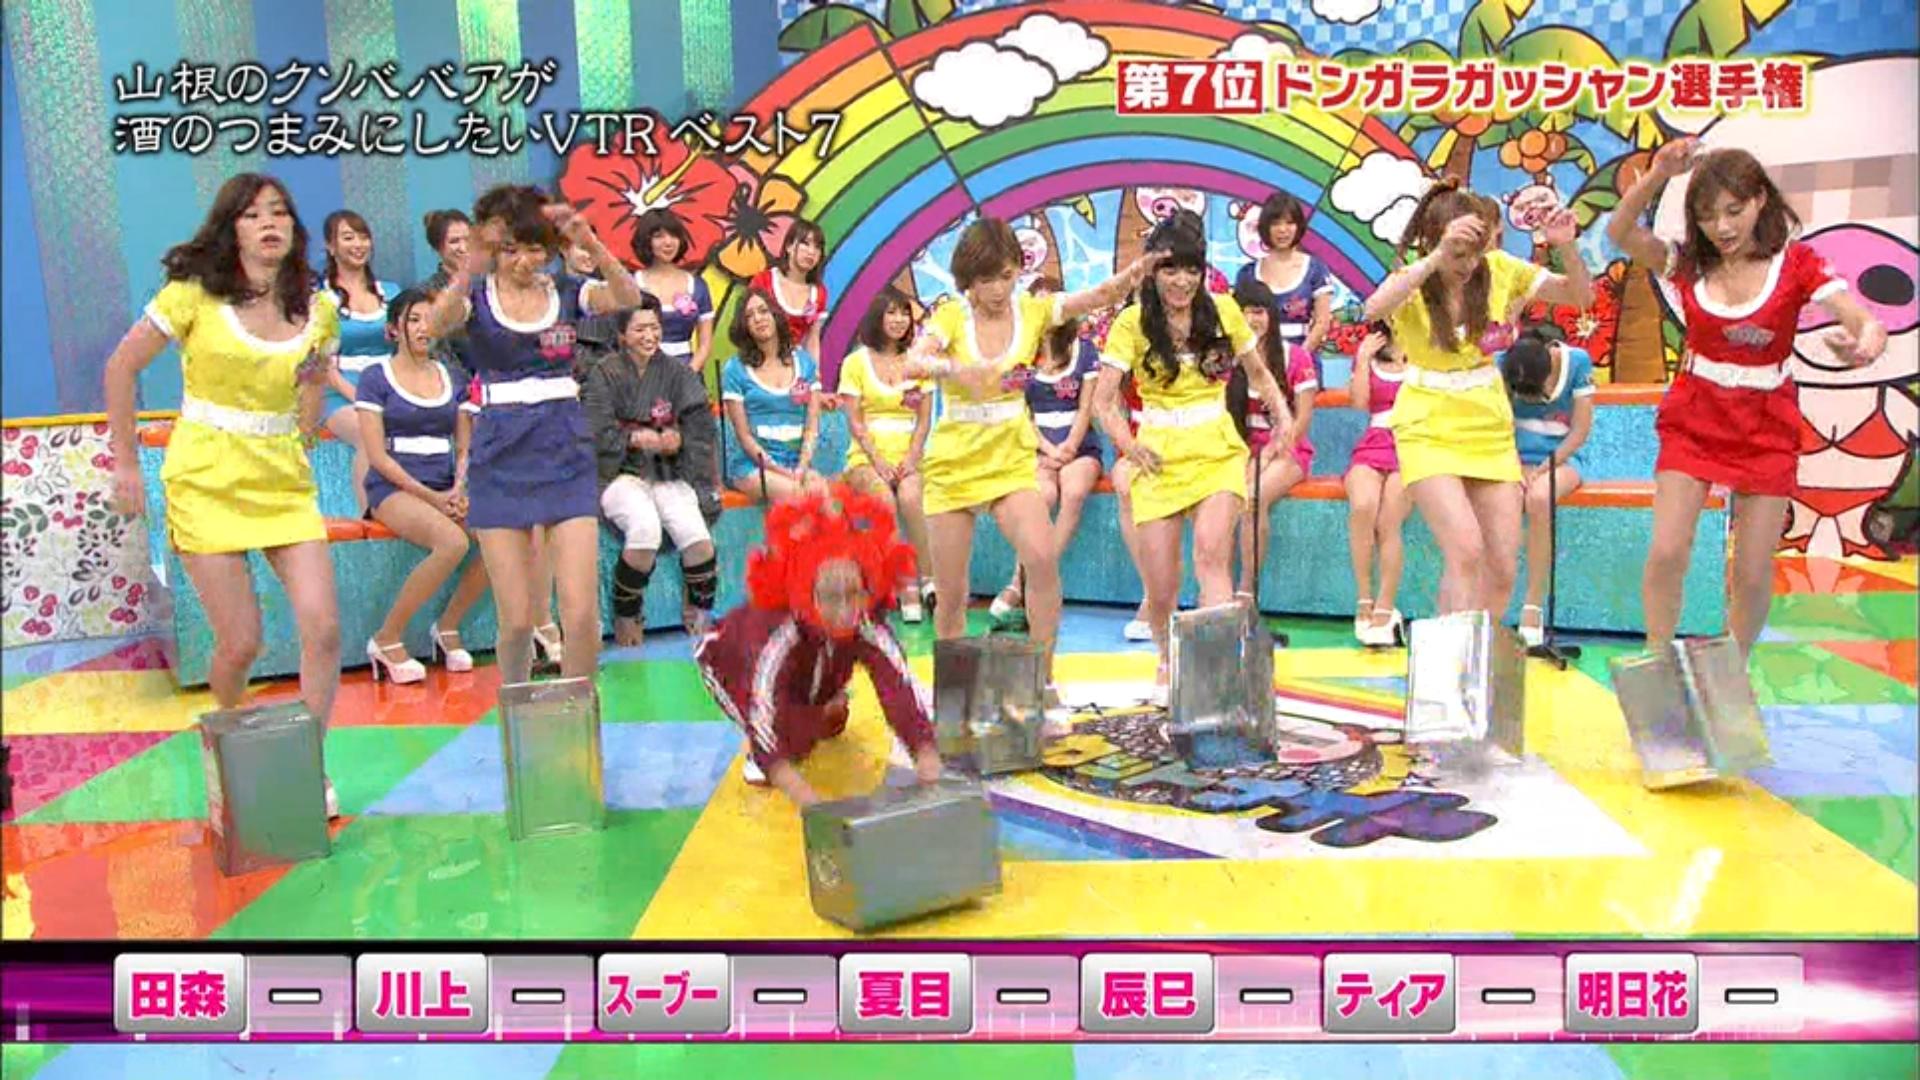 夏目花実ちゃんのチクビが見えてるおっぱいキャプ画像2